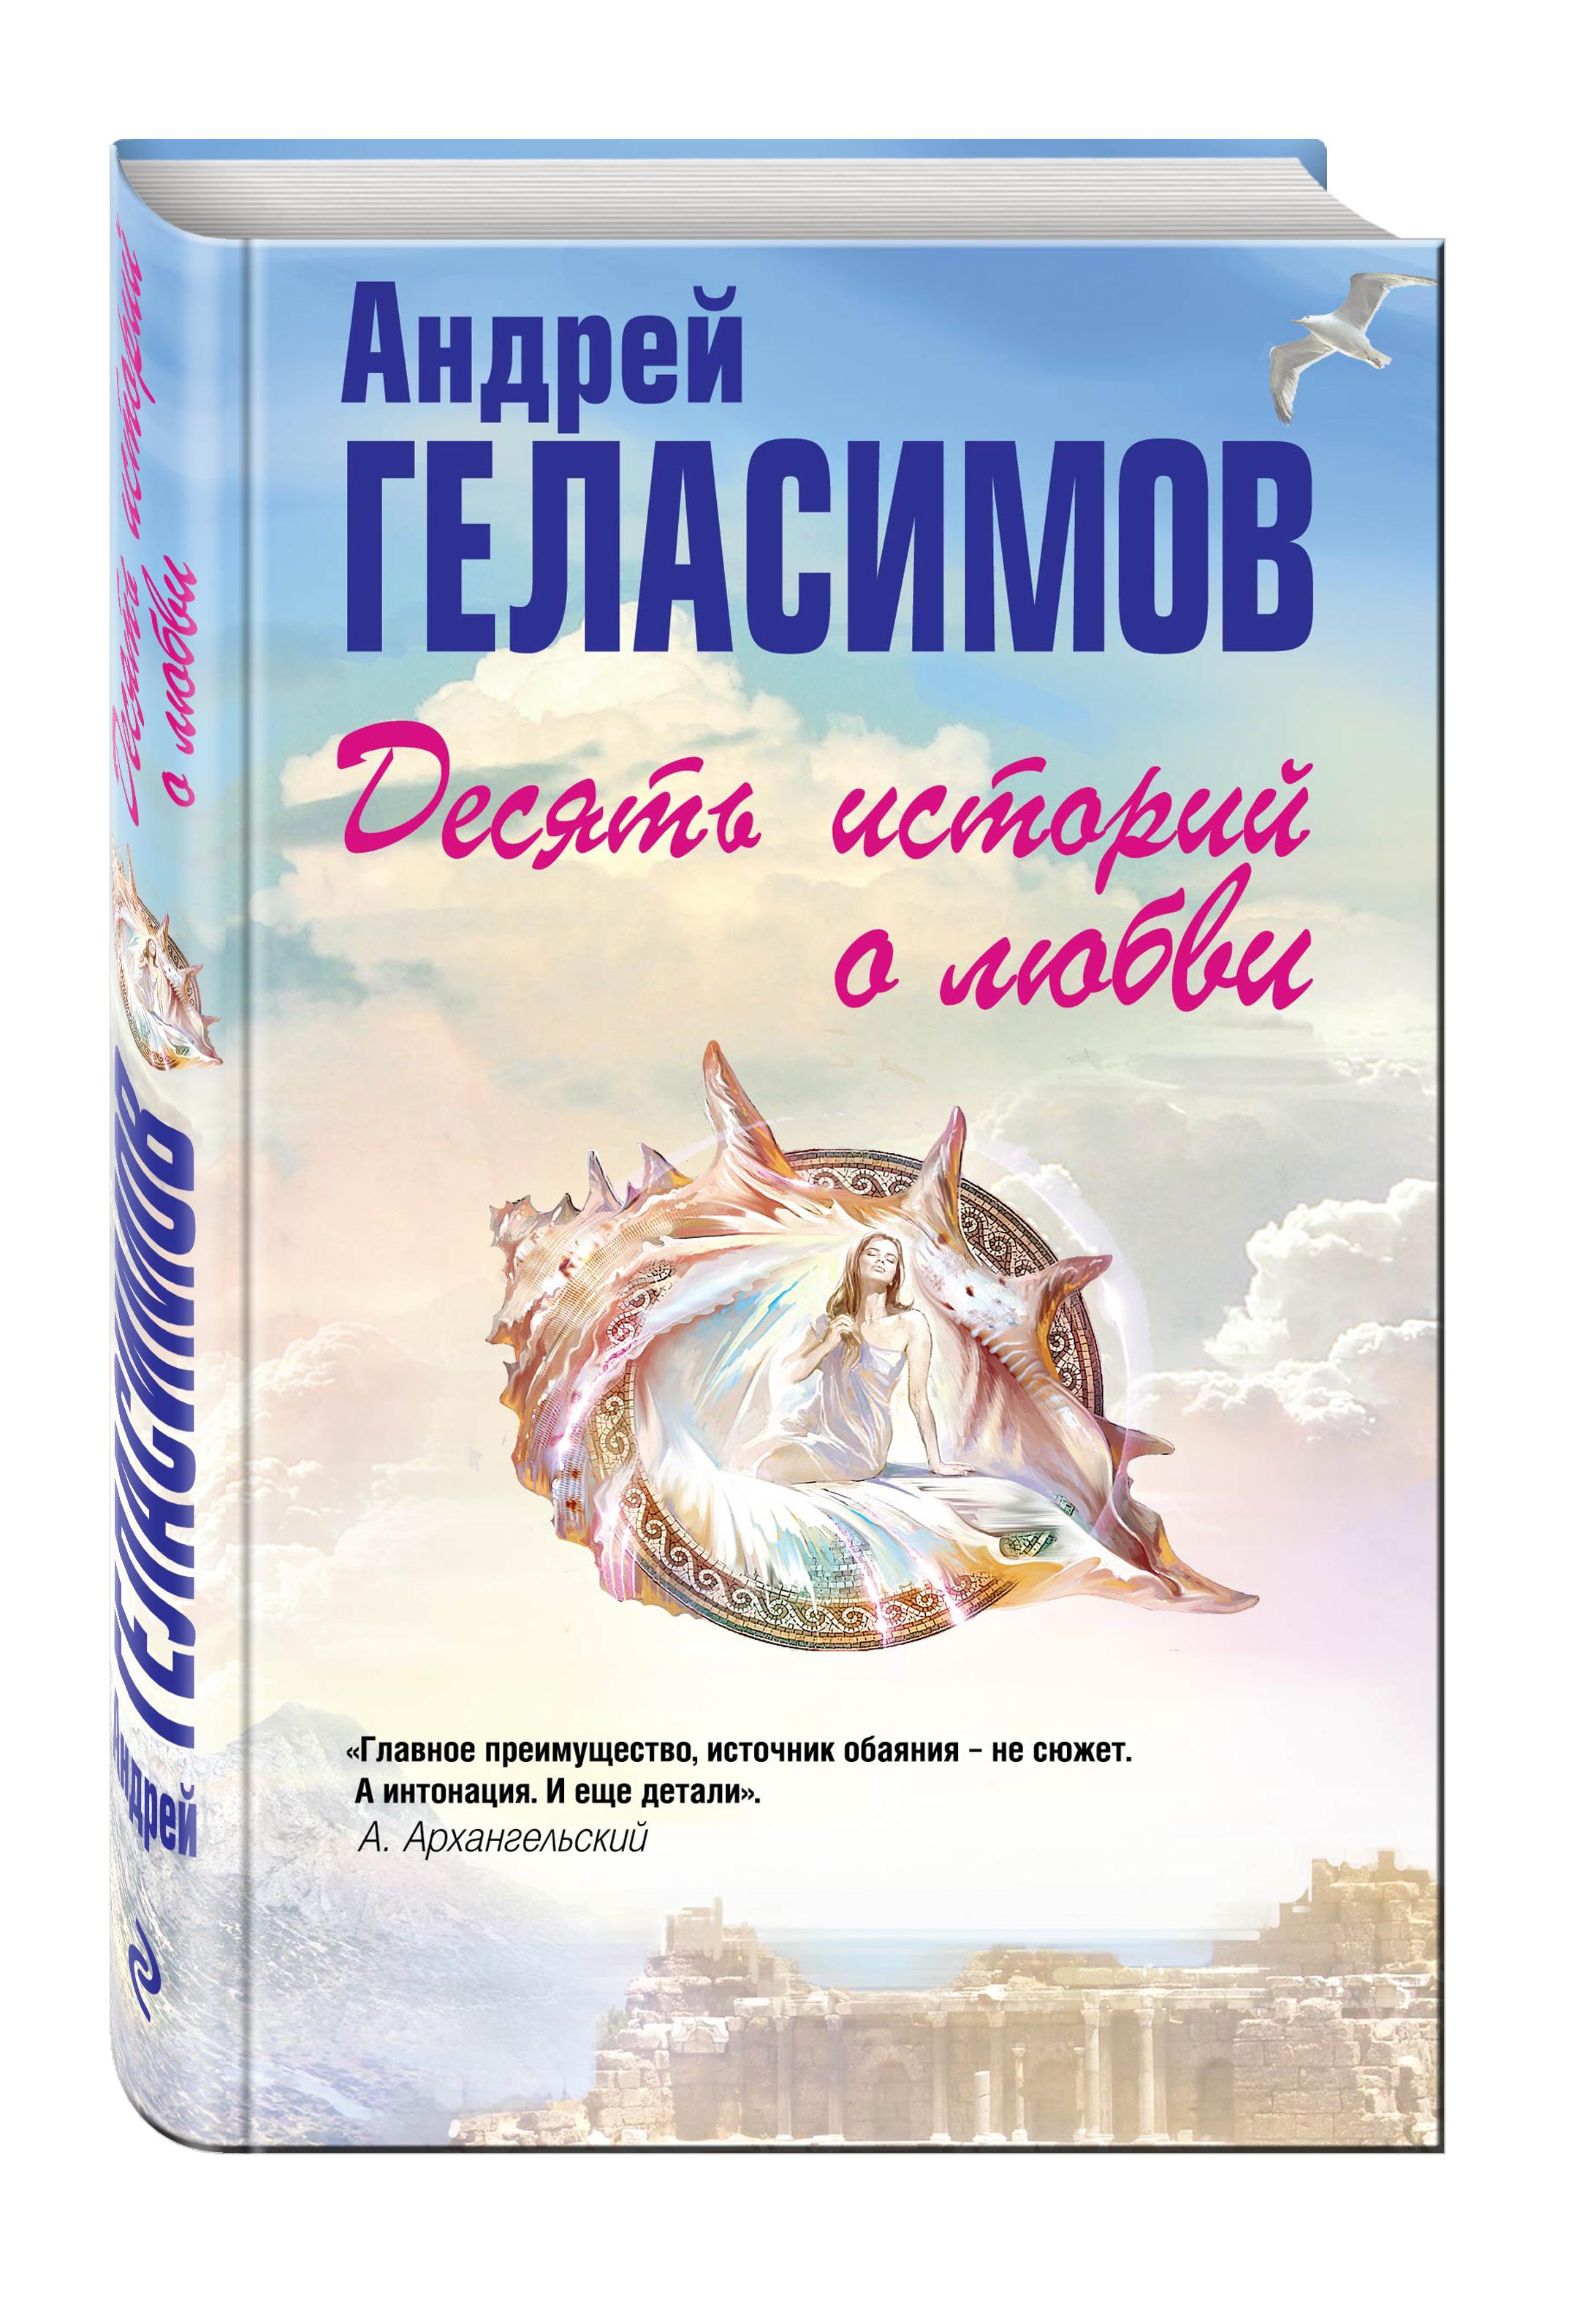 Андрей Геласимов Десять историй о любви киноконцерт баллада о любви